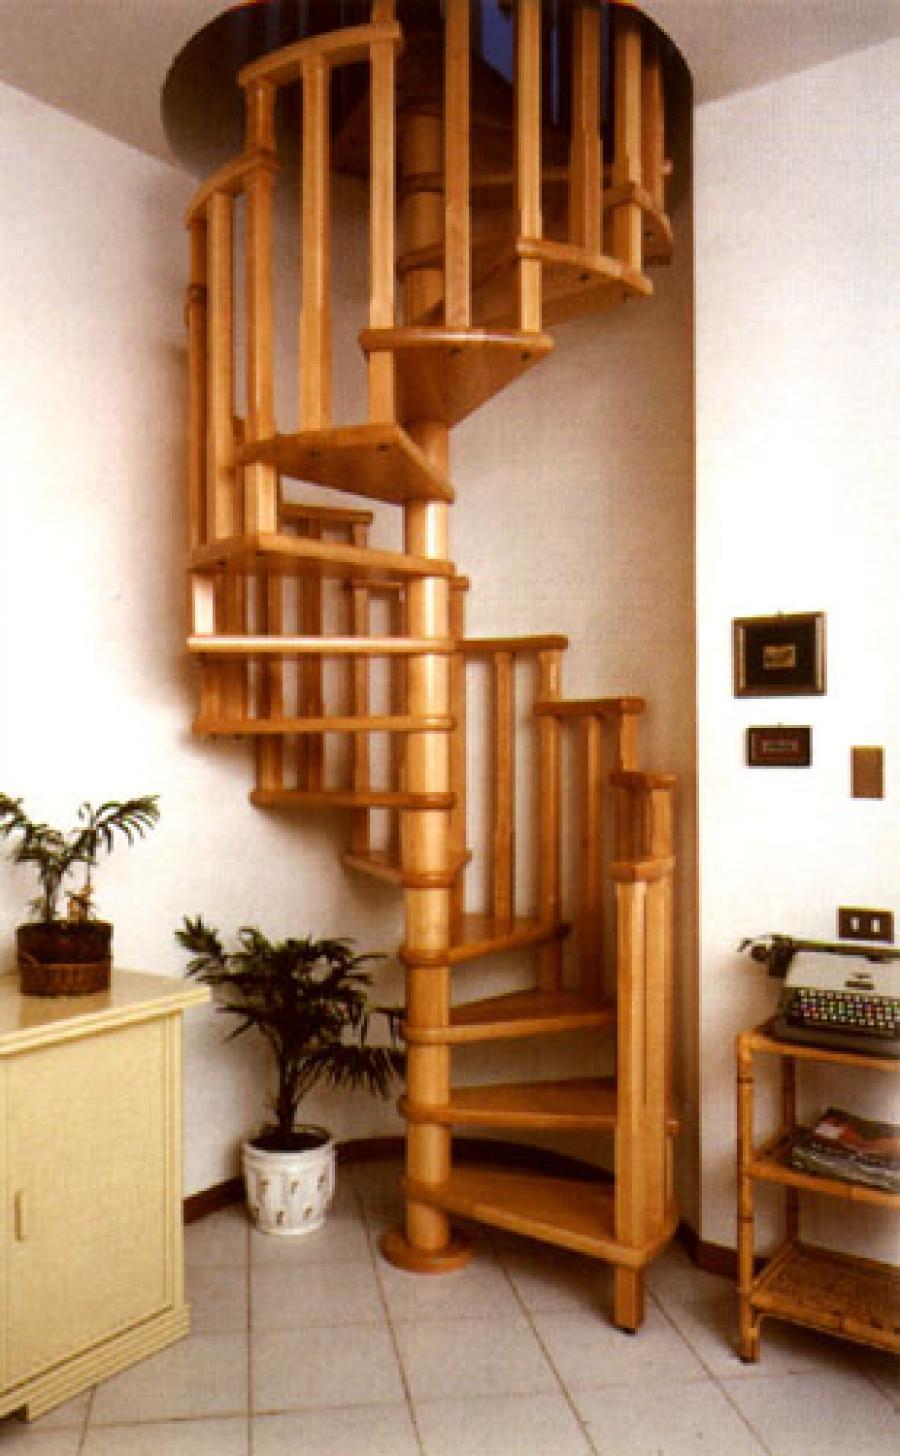 Fotos de reformas - Imagenes de escaleras de caracol ...